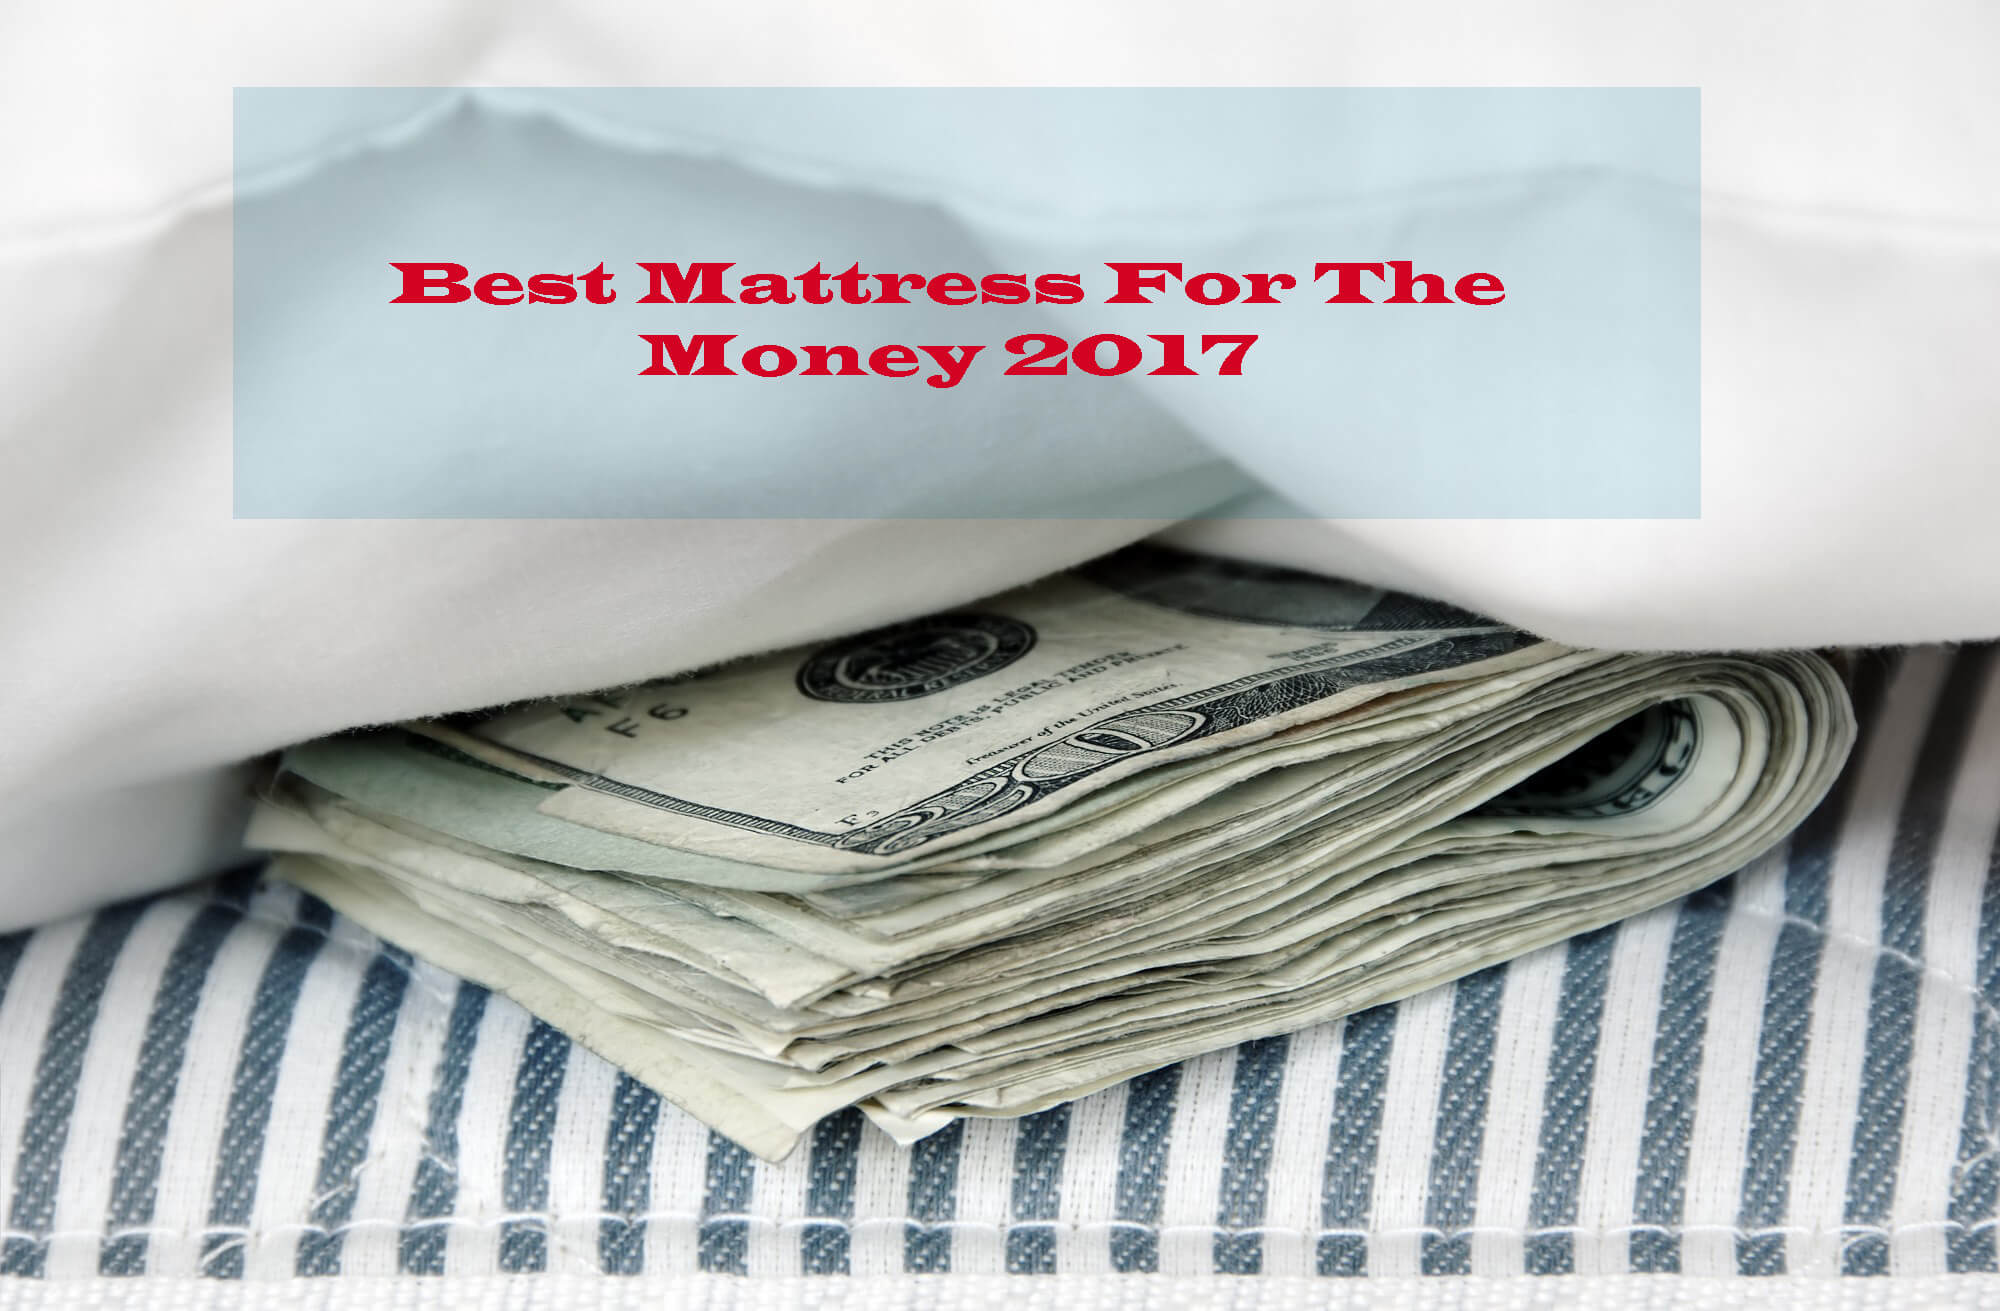 Best Mattress For The Money 2017